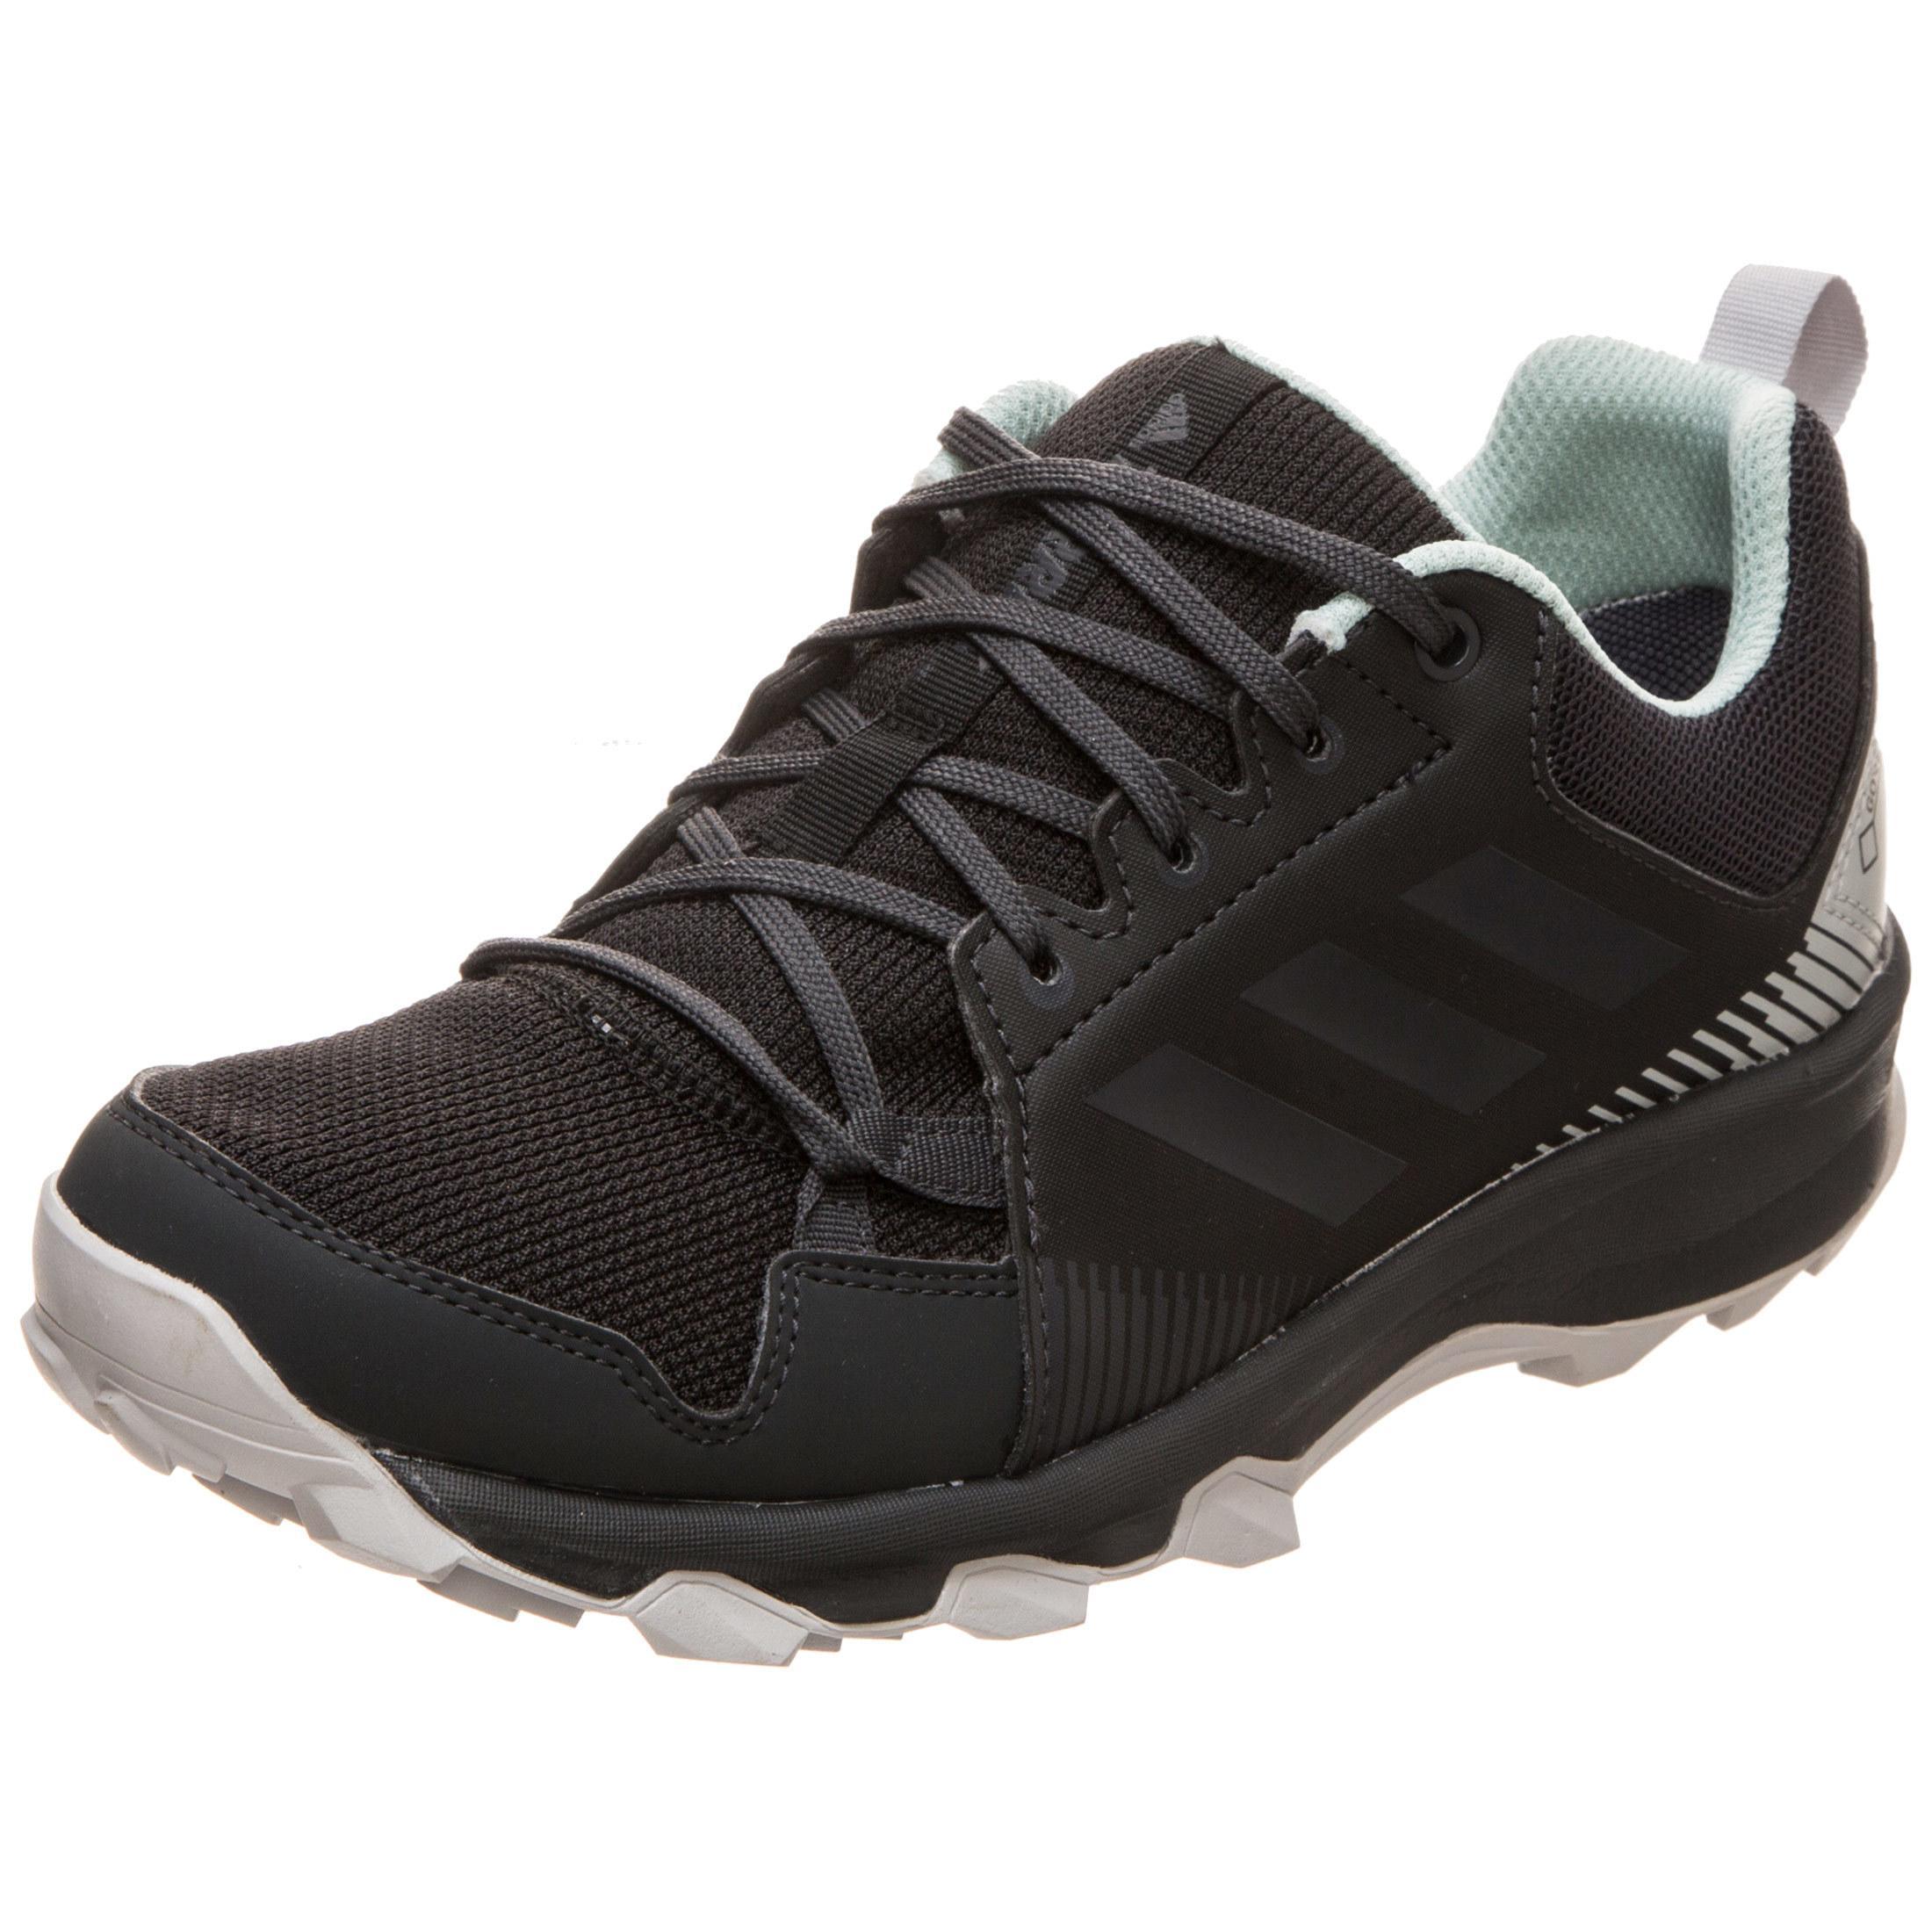 Adidas Terrex TraceRocker GTX Laufschuhe Damen schwarz   grau im Online Shop von SportScheck kaufen Gute Qualität beliebte Schuhe